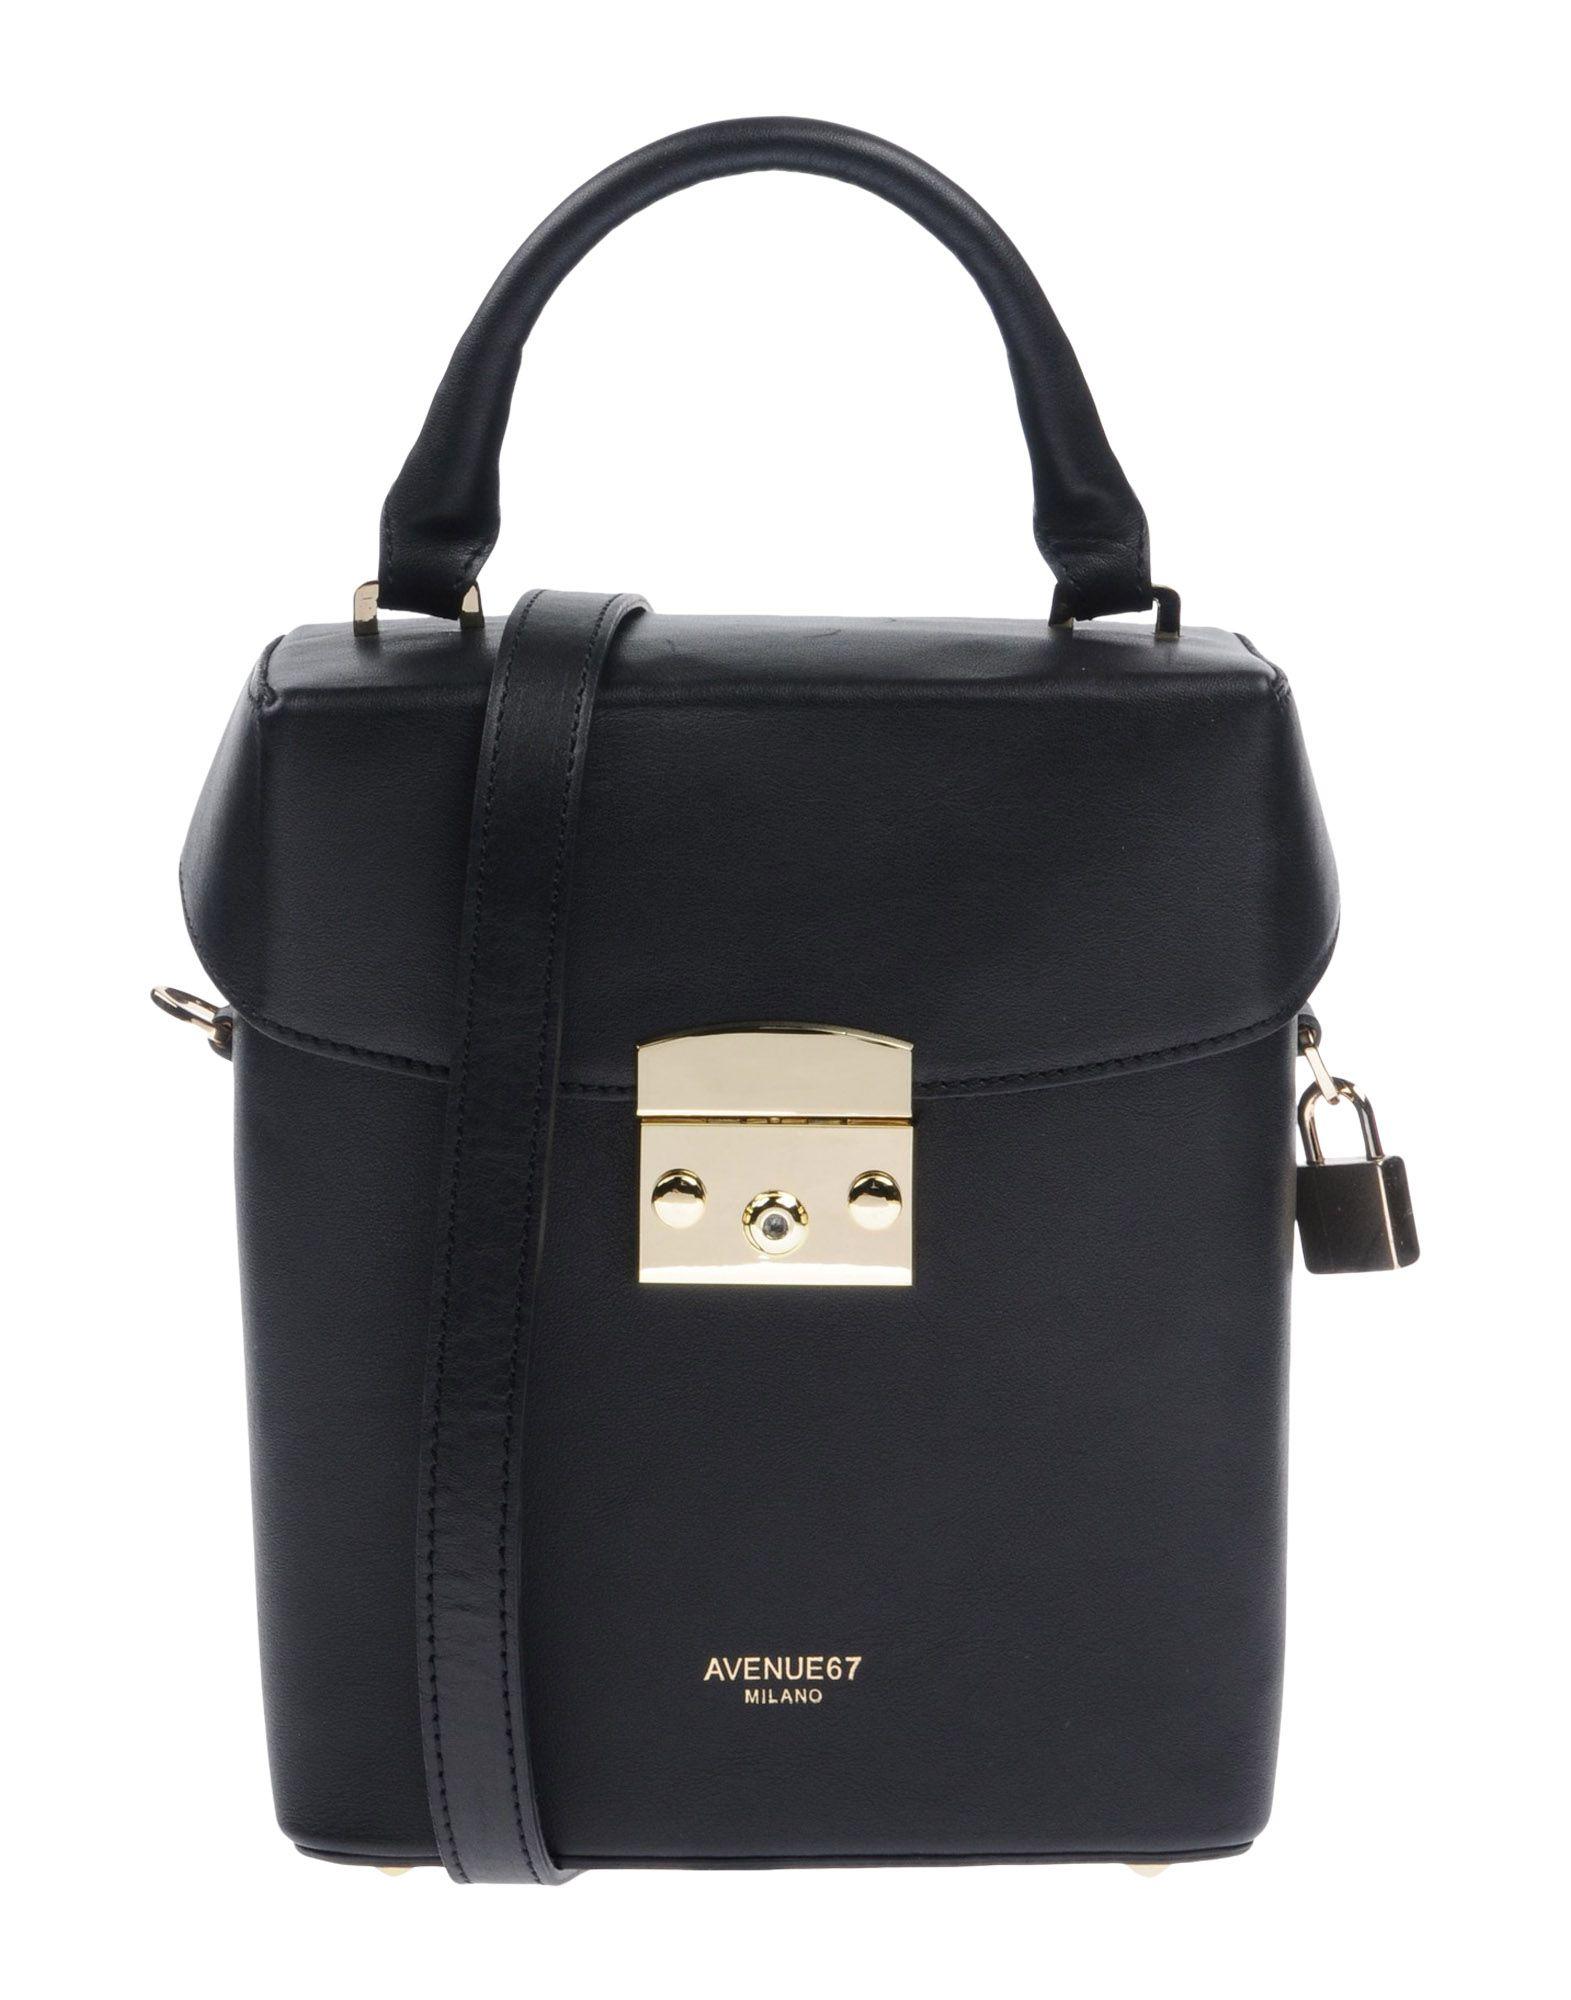 AVENUE 67 Handbag in Black